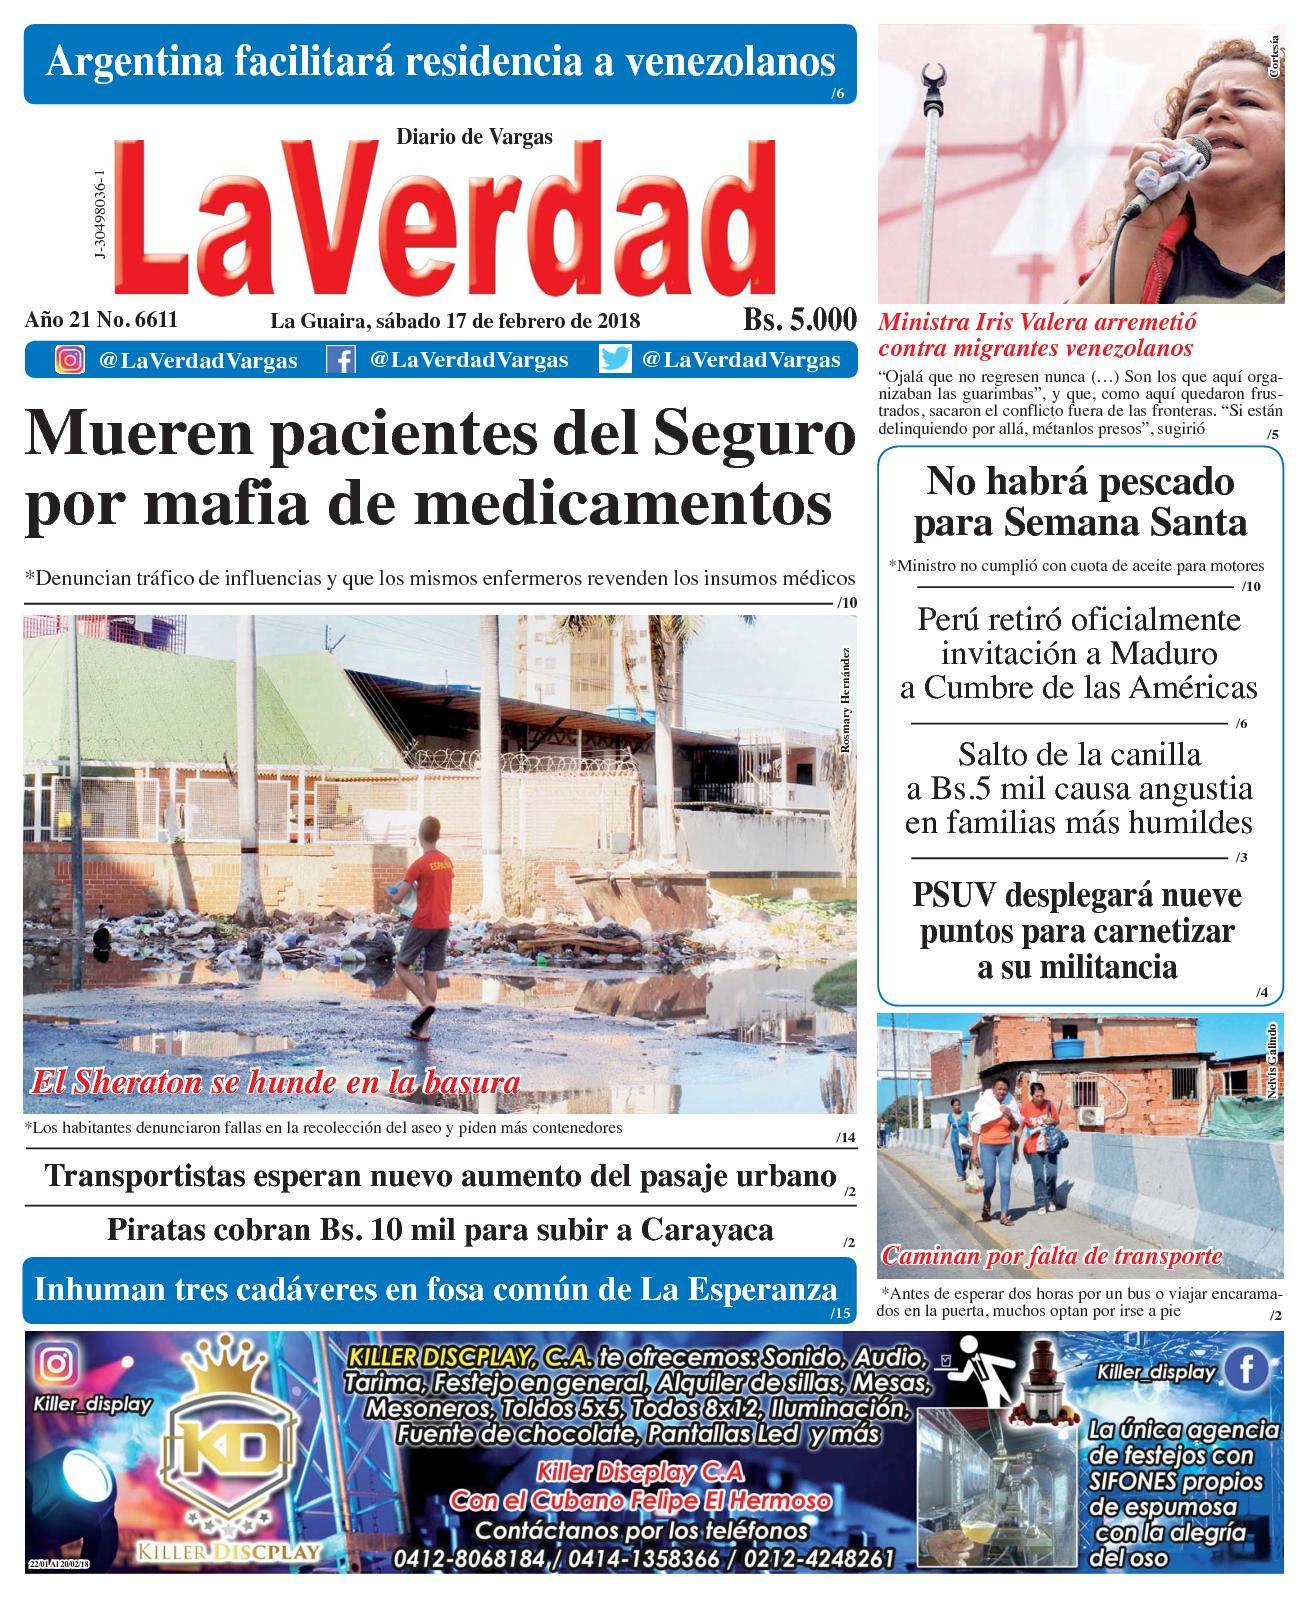 La Guaira, sábado 17 de febrero de 2018. Año 20 No 6611